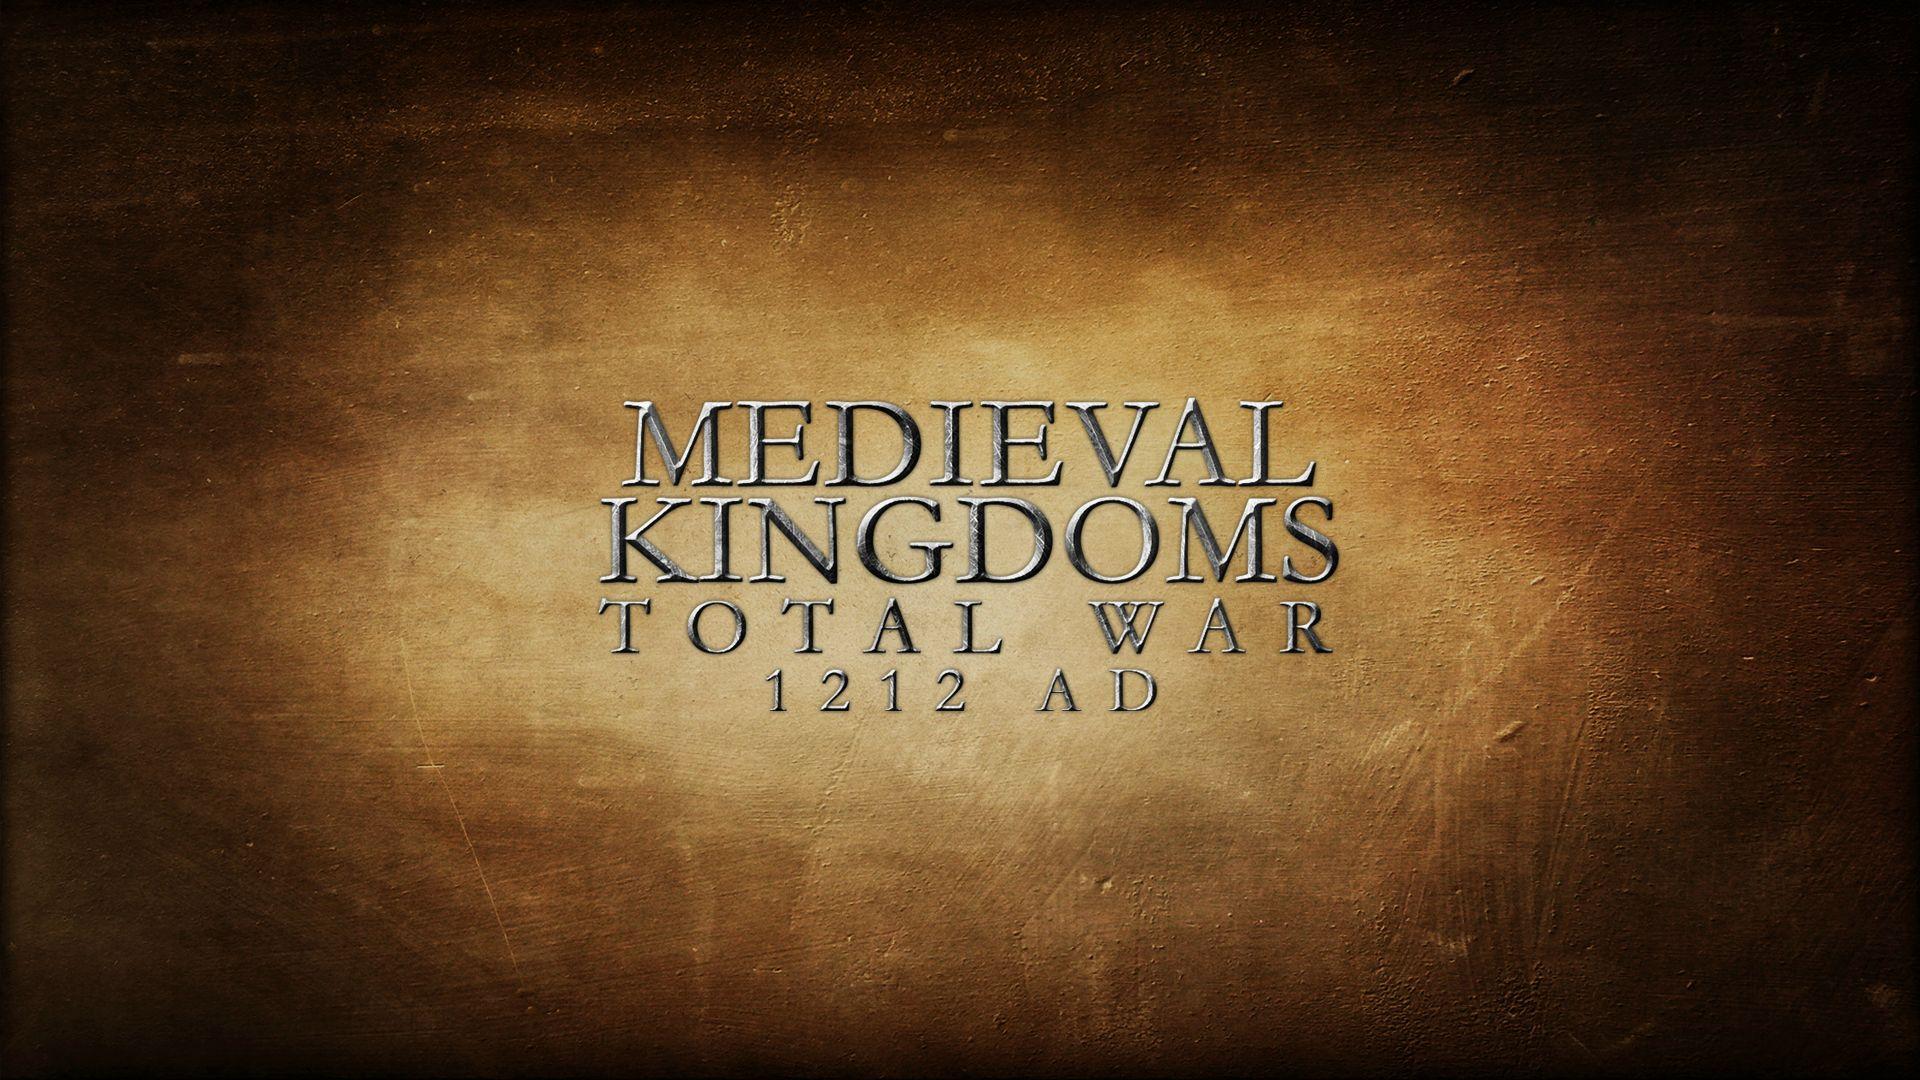 Medieval Kingdoms: Total War Dev Team